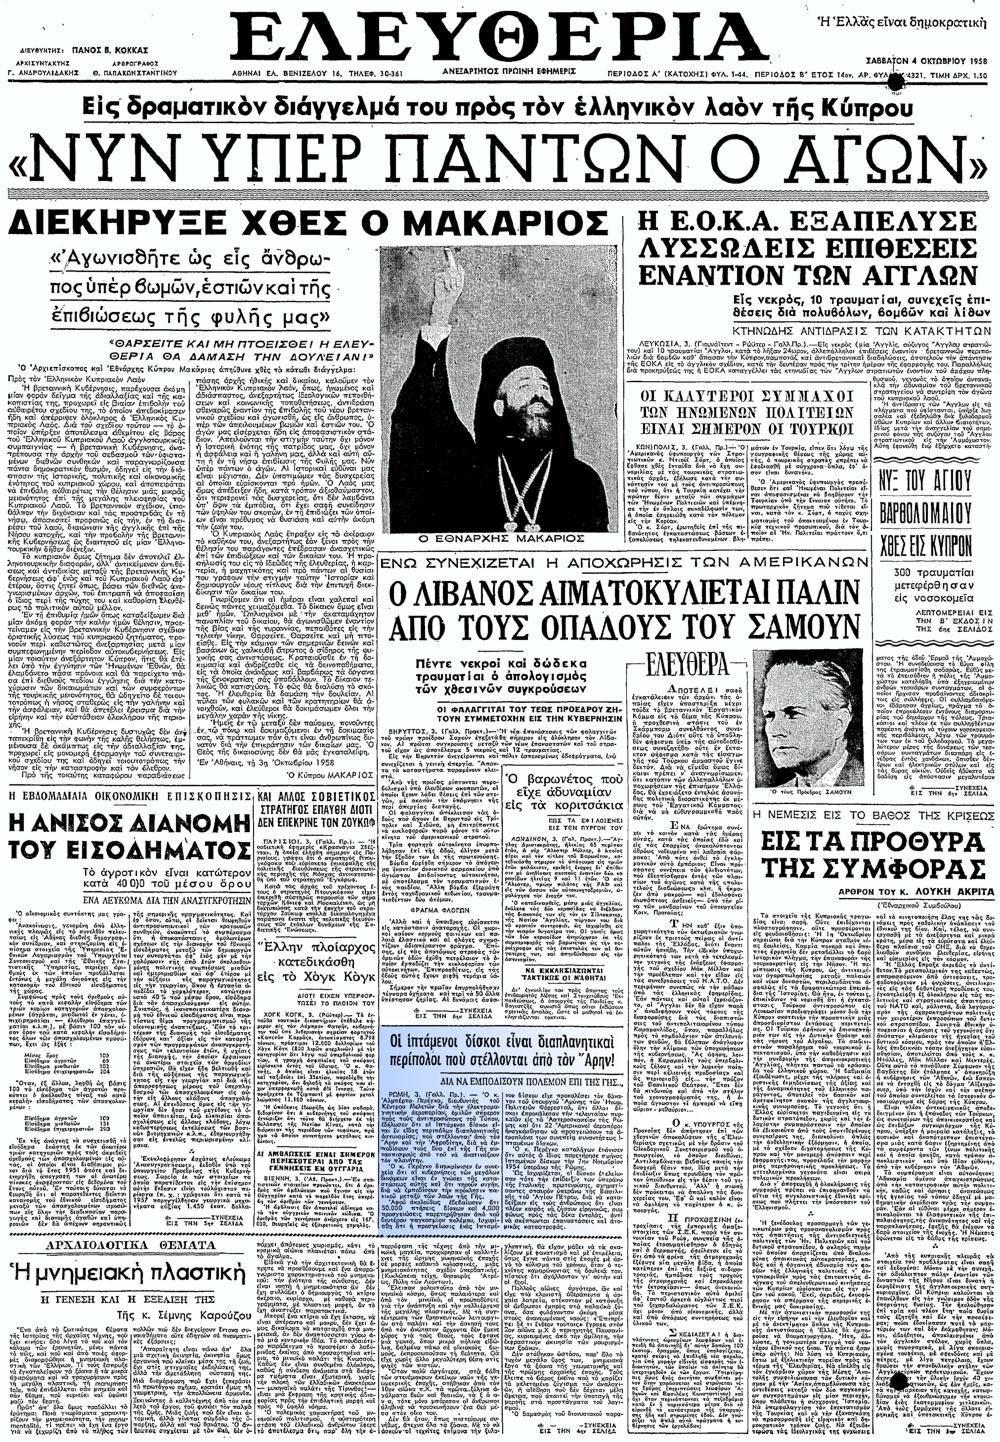 """Το άρθρο, όπως δημοσιεύθηκε στην εφημερίδα """"ΕΛΕΥΘΕΡΙΑ"""", στις 04/10/1958"""